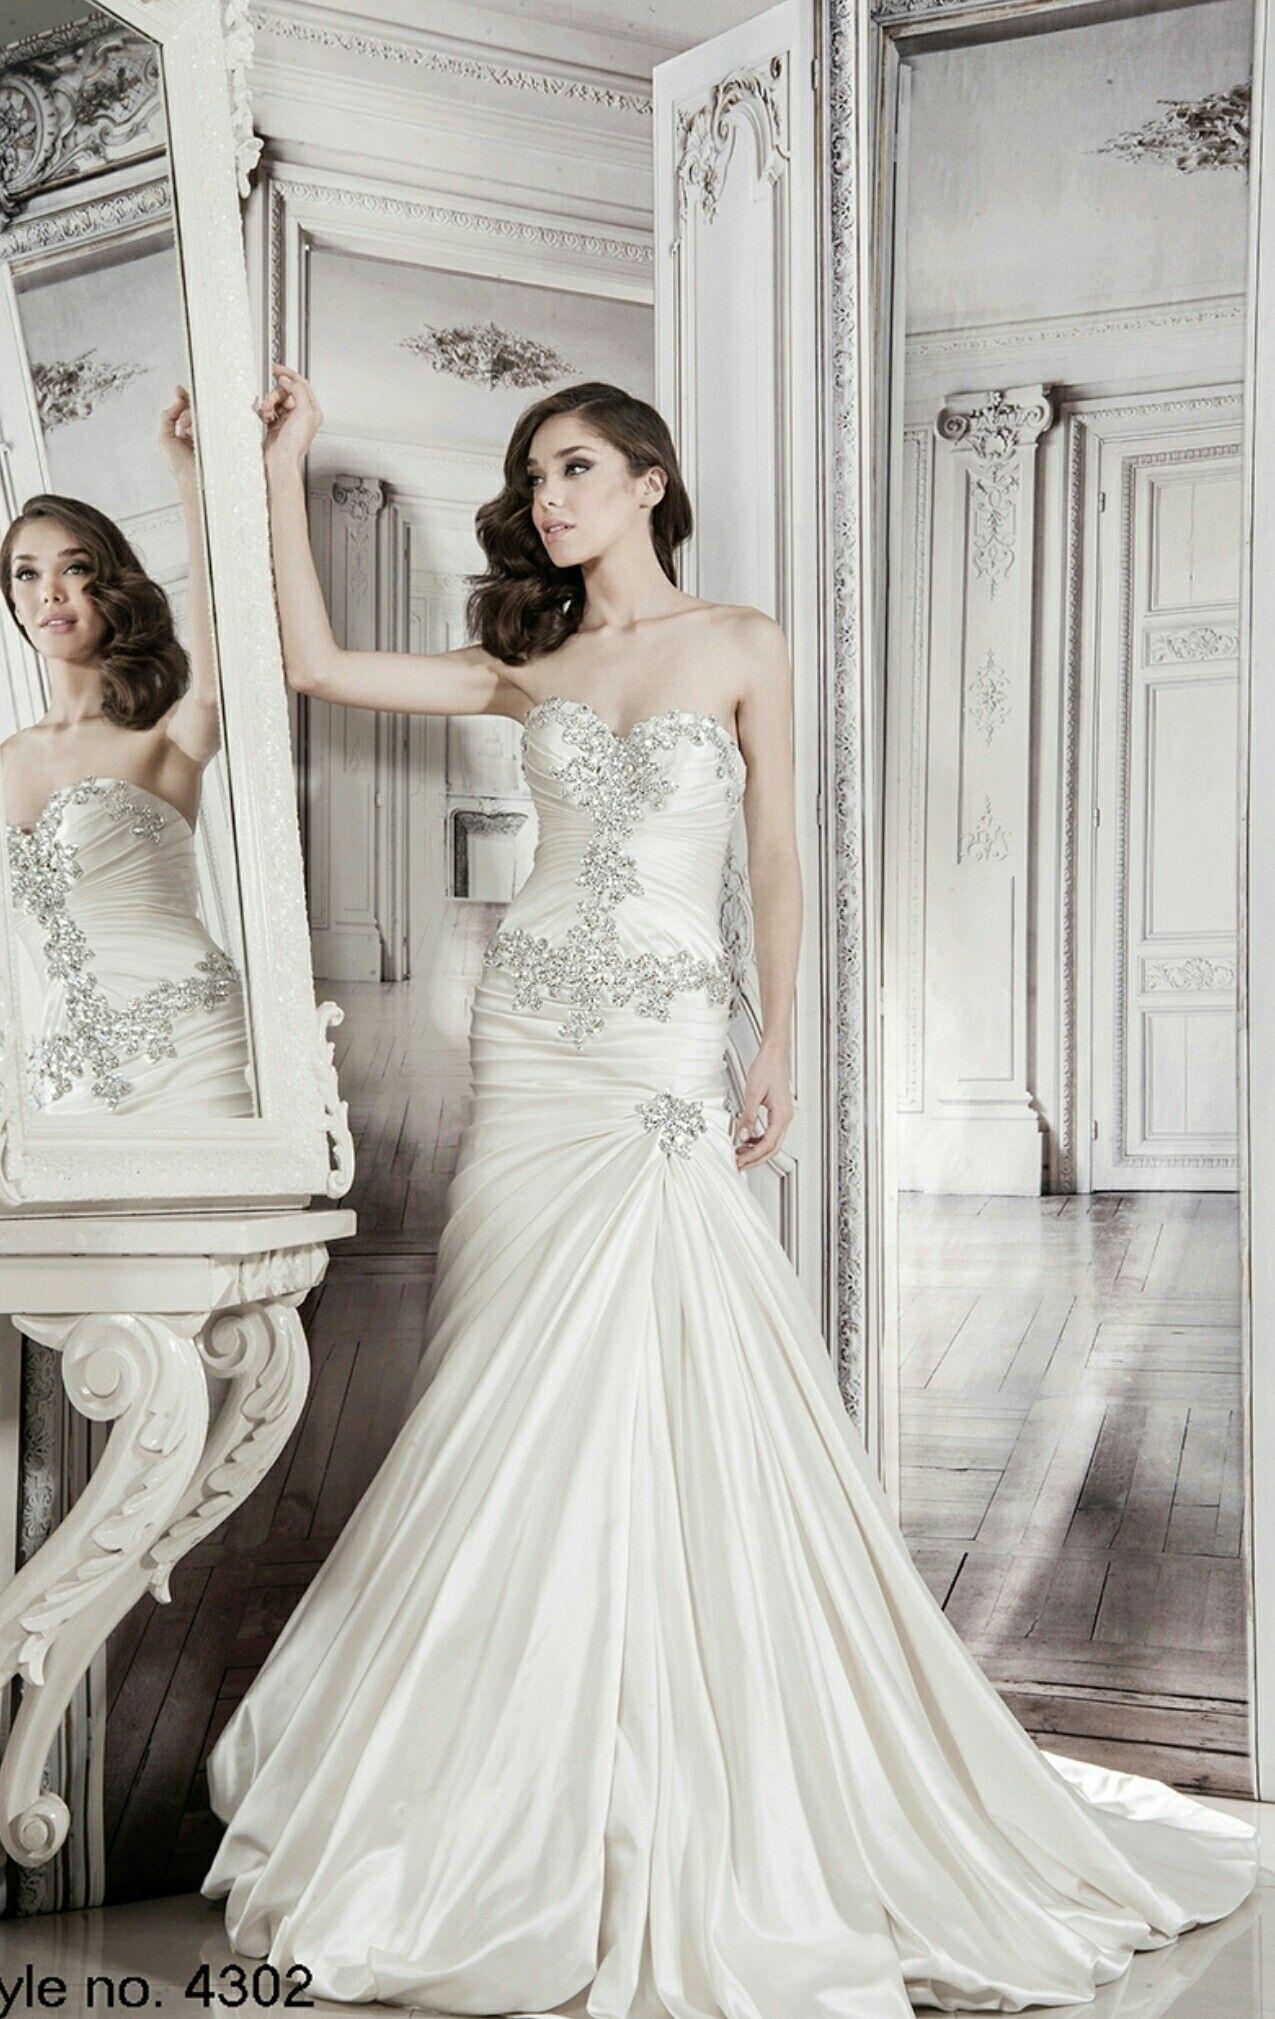 Pnina wedding dress  Pinia Tornai   Dresses  Pinterest  Wedding dress Pnina